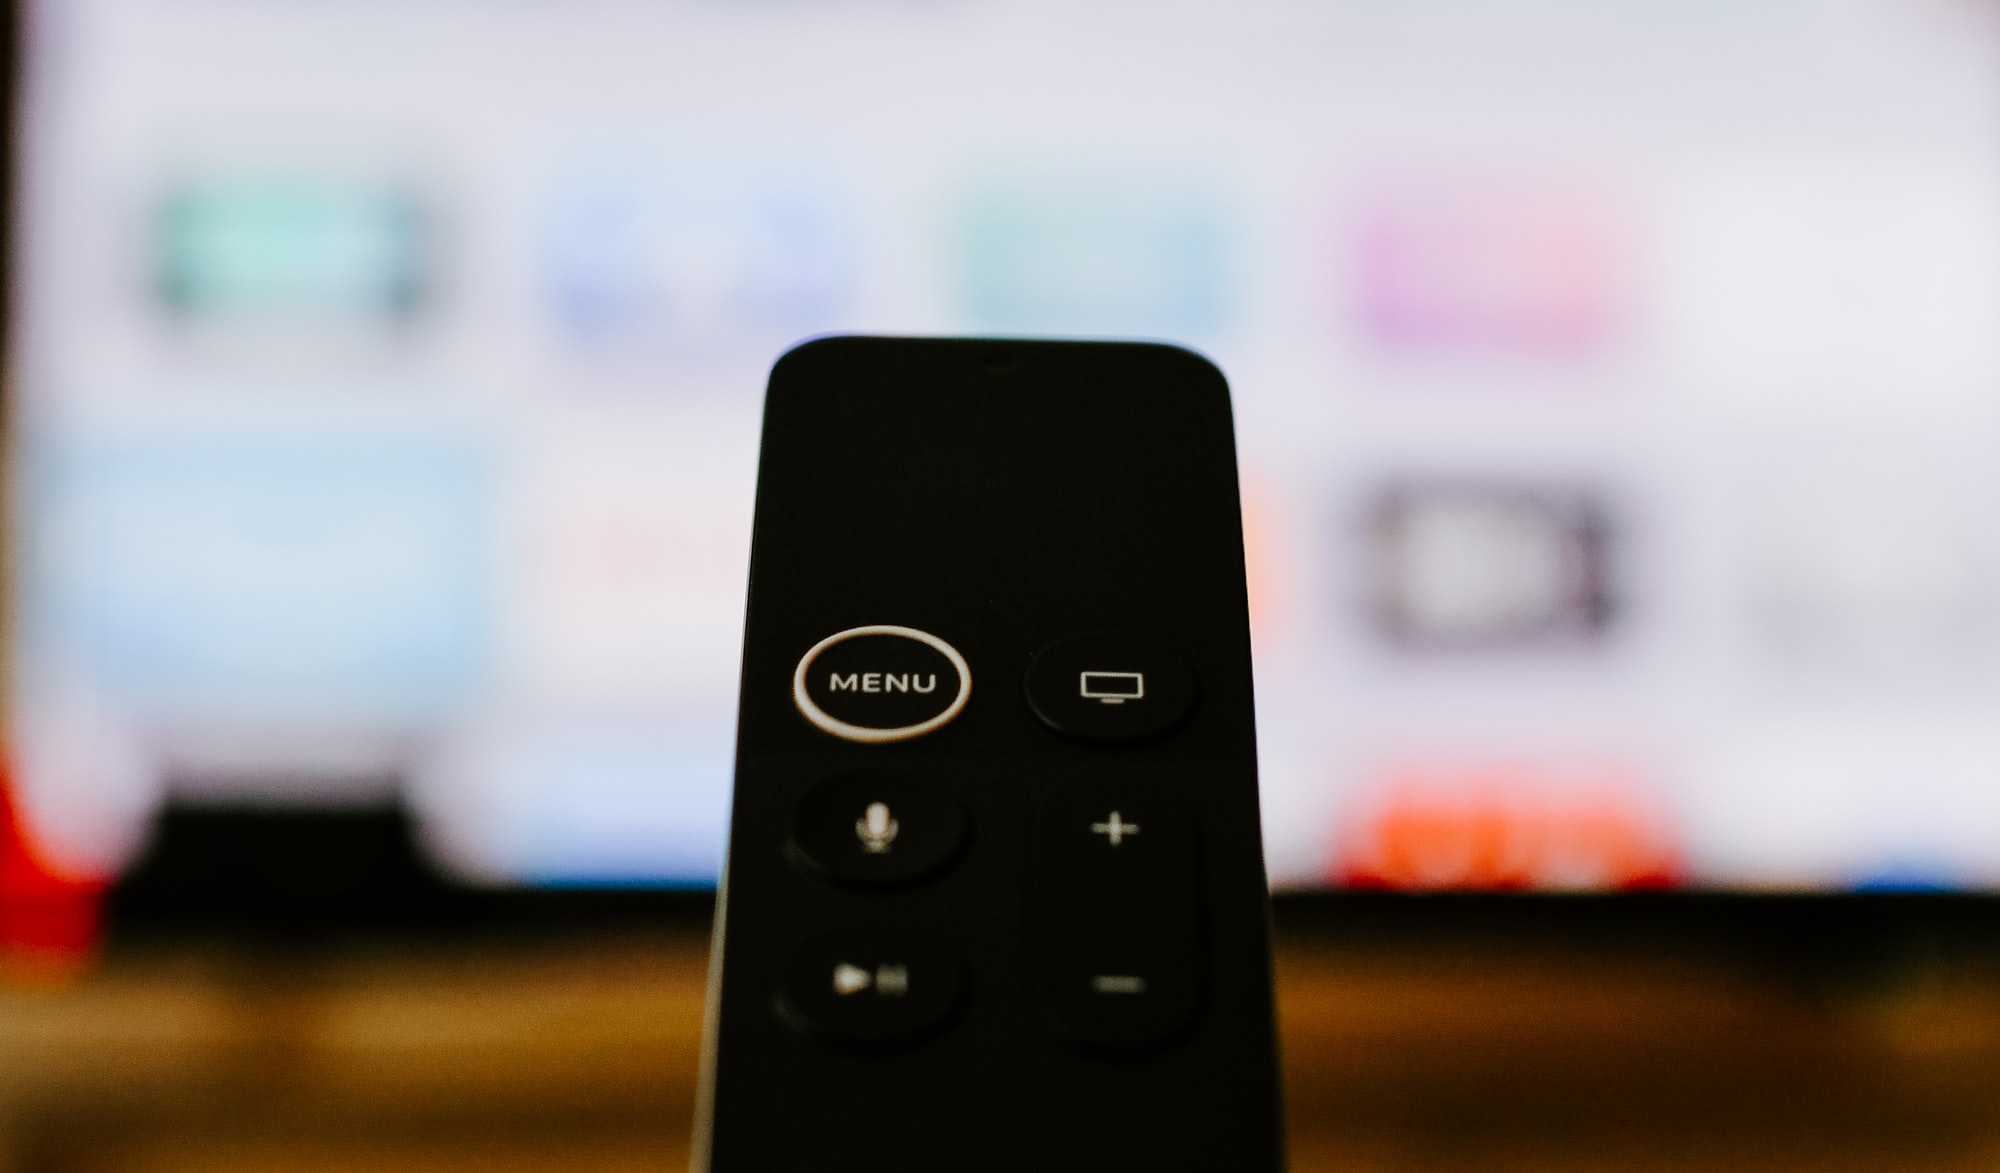 Как отключить раздражающие уведомления клавиатуры Apple TV в iOS 15.1 и iPadOS 15.1